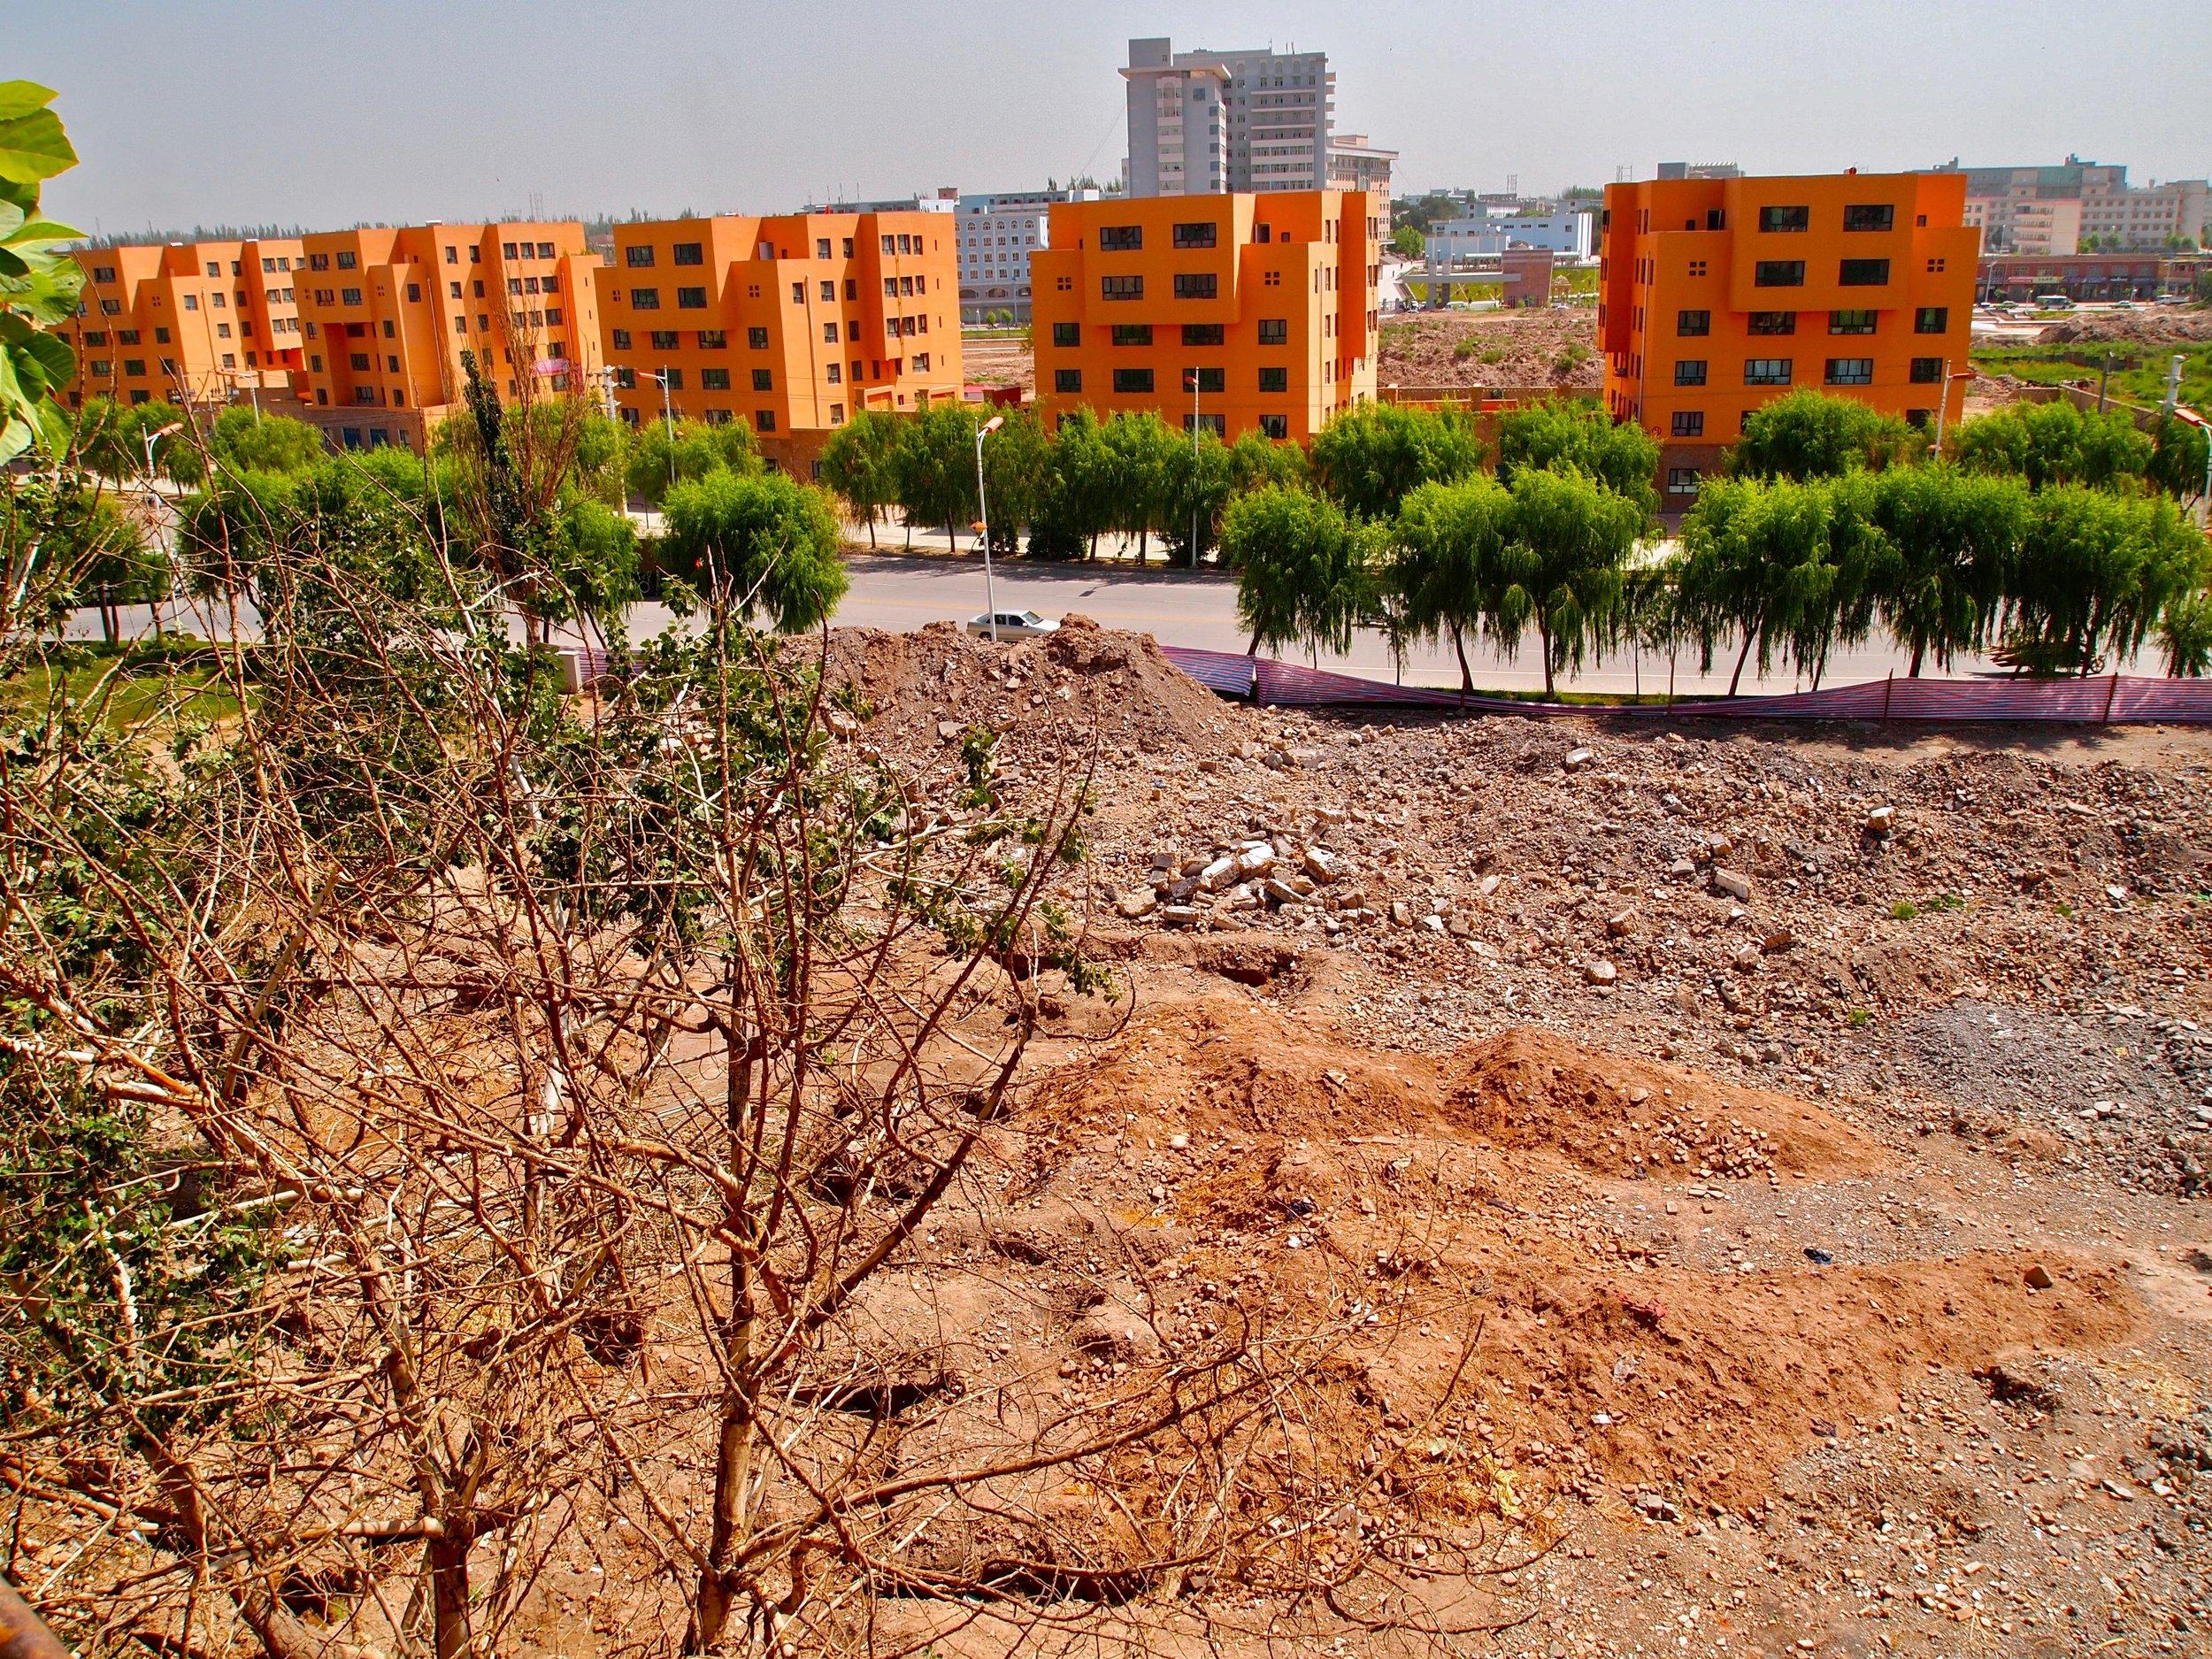 New apartment blocks bordering a demolished part of old Kashgar, Xinjiang, China. (C) Remko Tanis